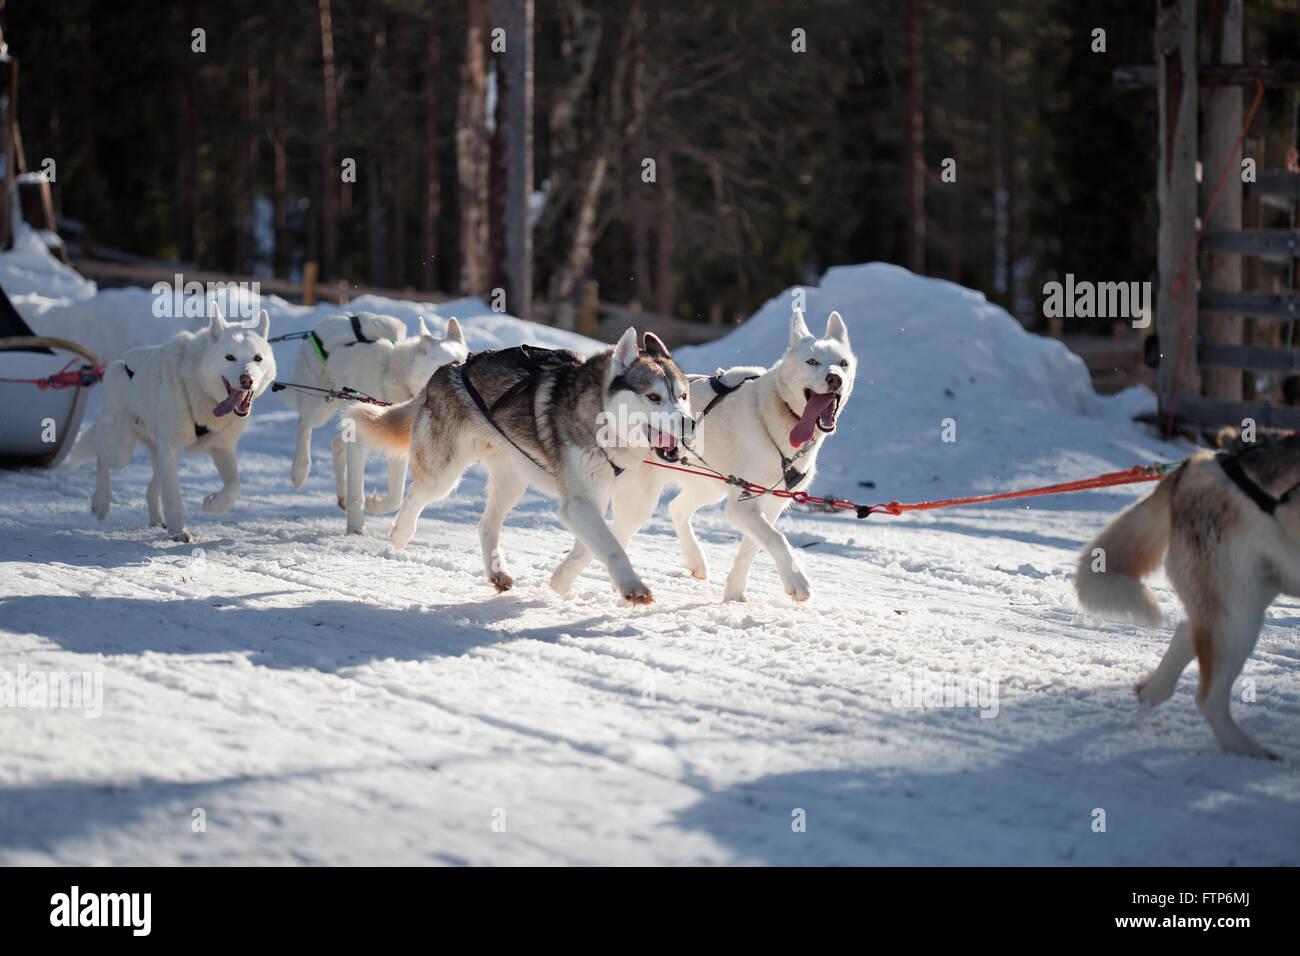 Huskies spendere tempo all'aperto in Lapponia, Finlandia Foto Stock